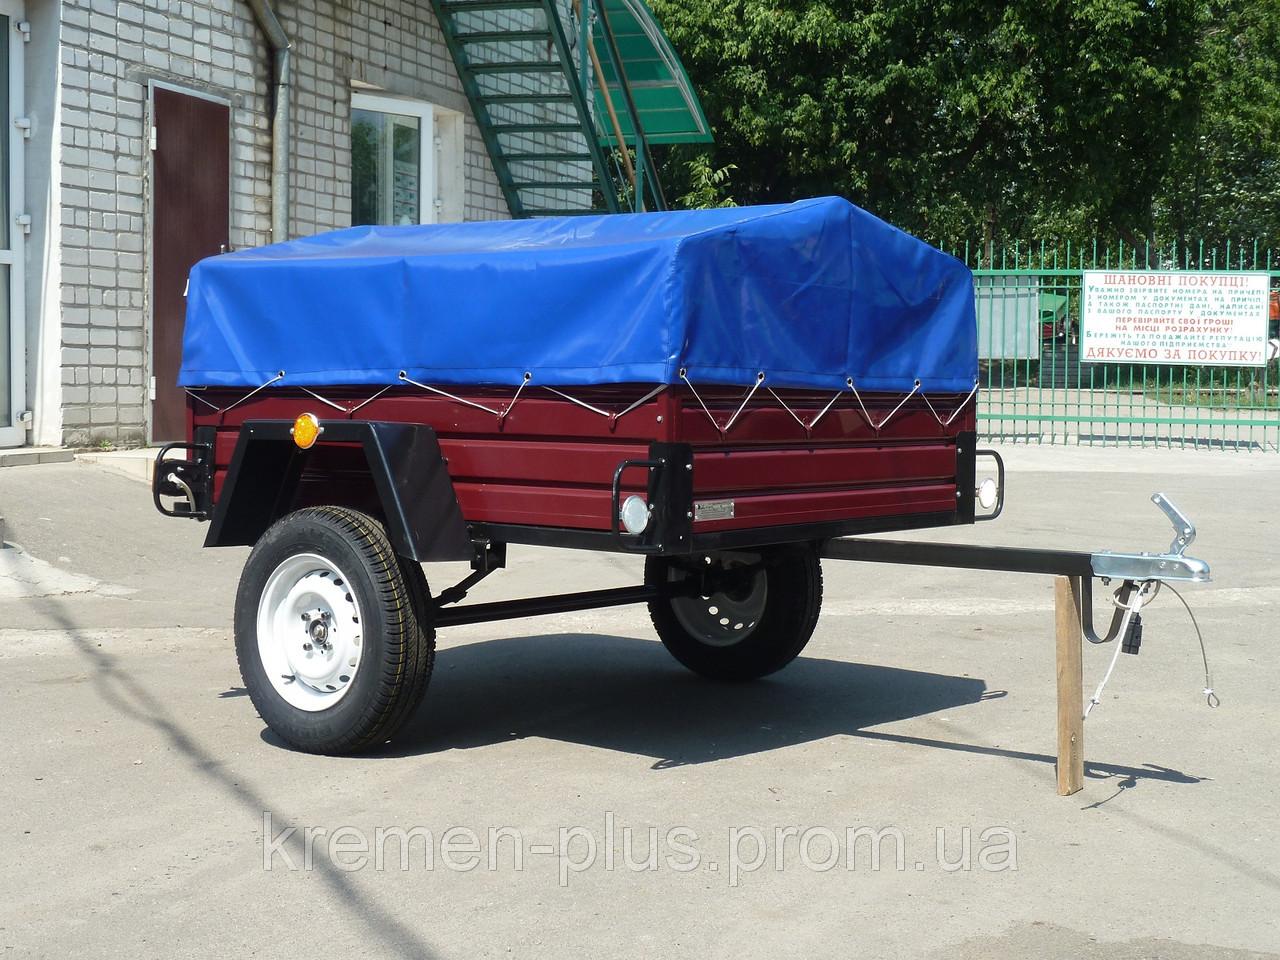 Продам одноосный легковой прицеп в Виннице для автомобиля